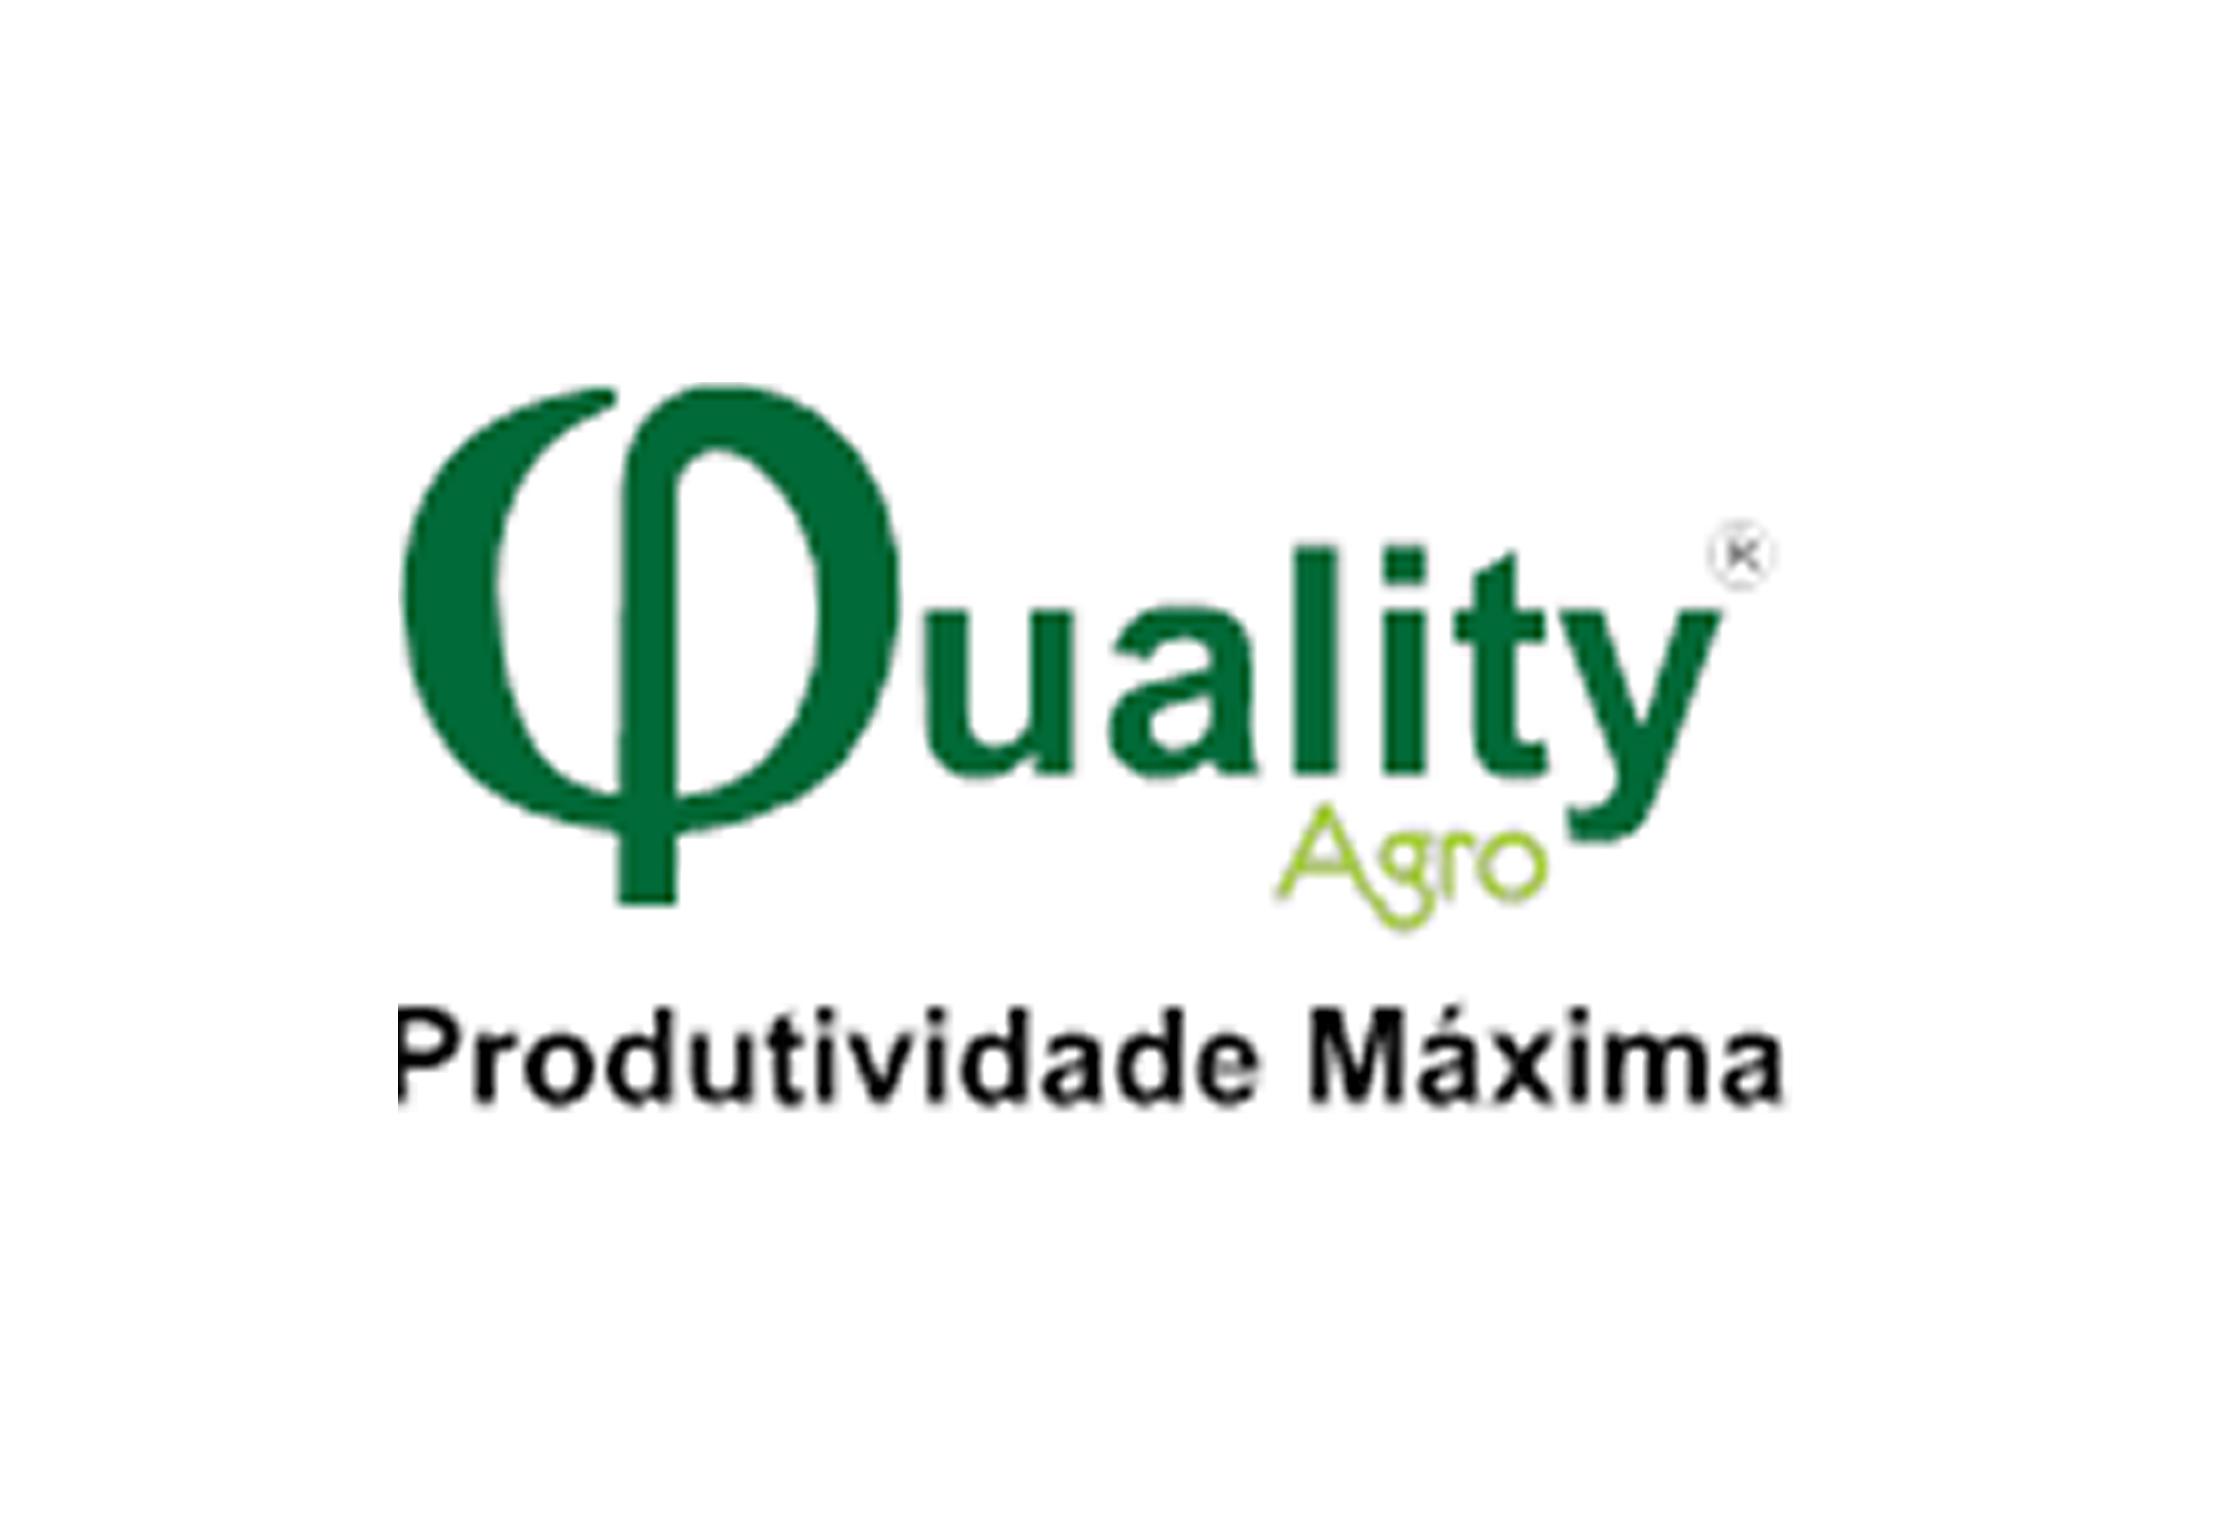 Quality Agro - Produtividade Máxima